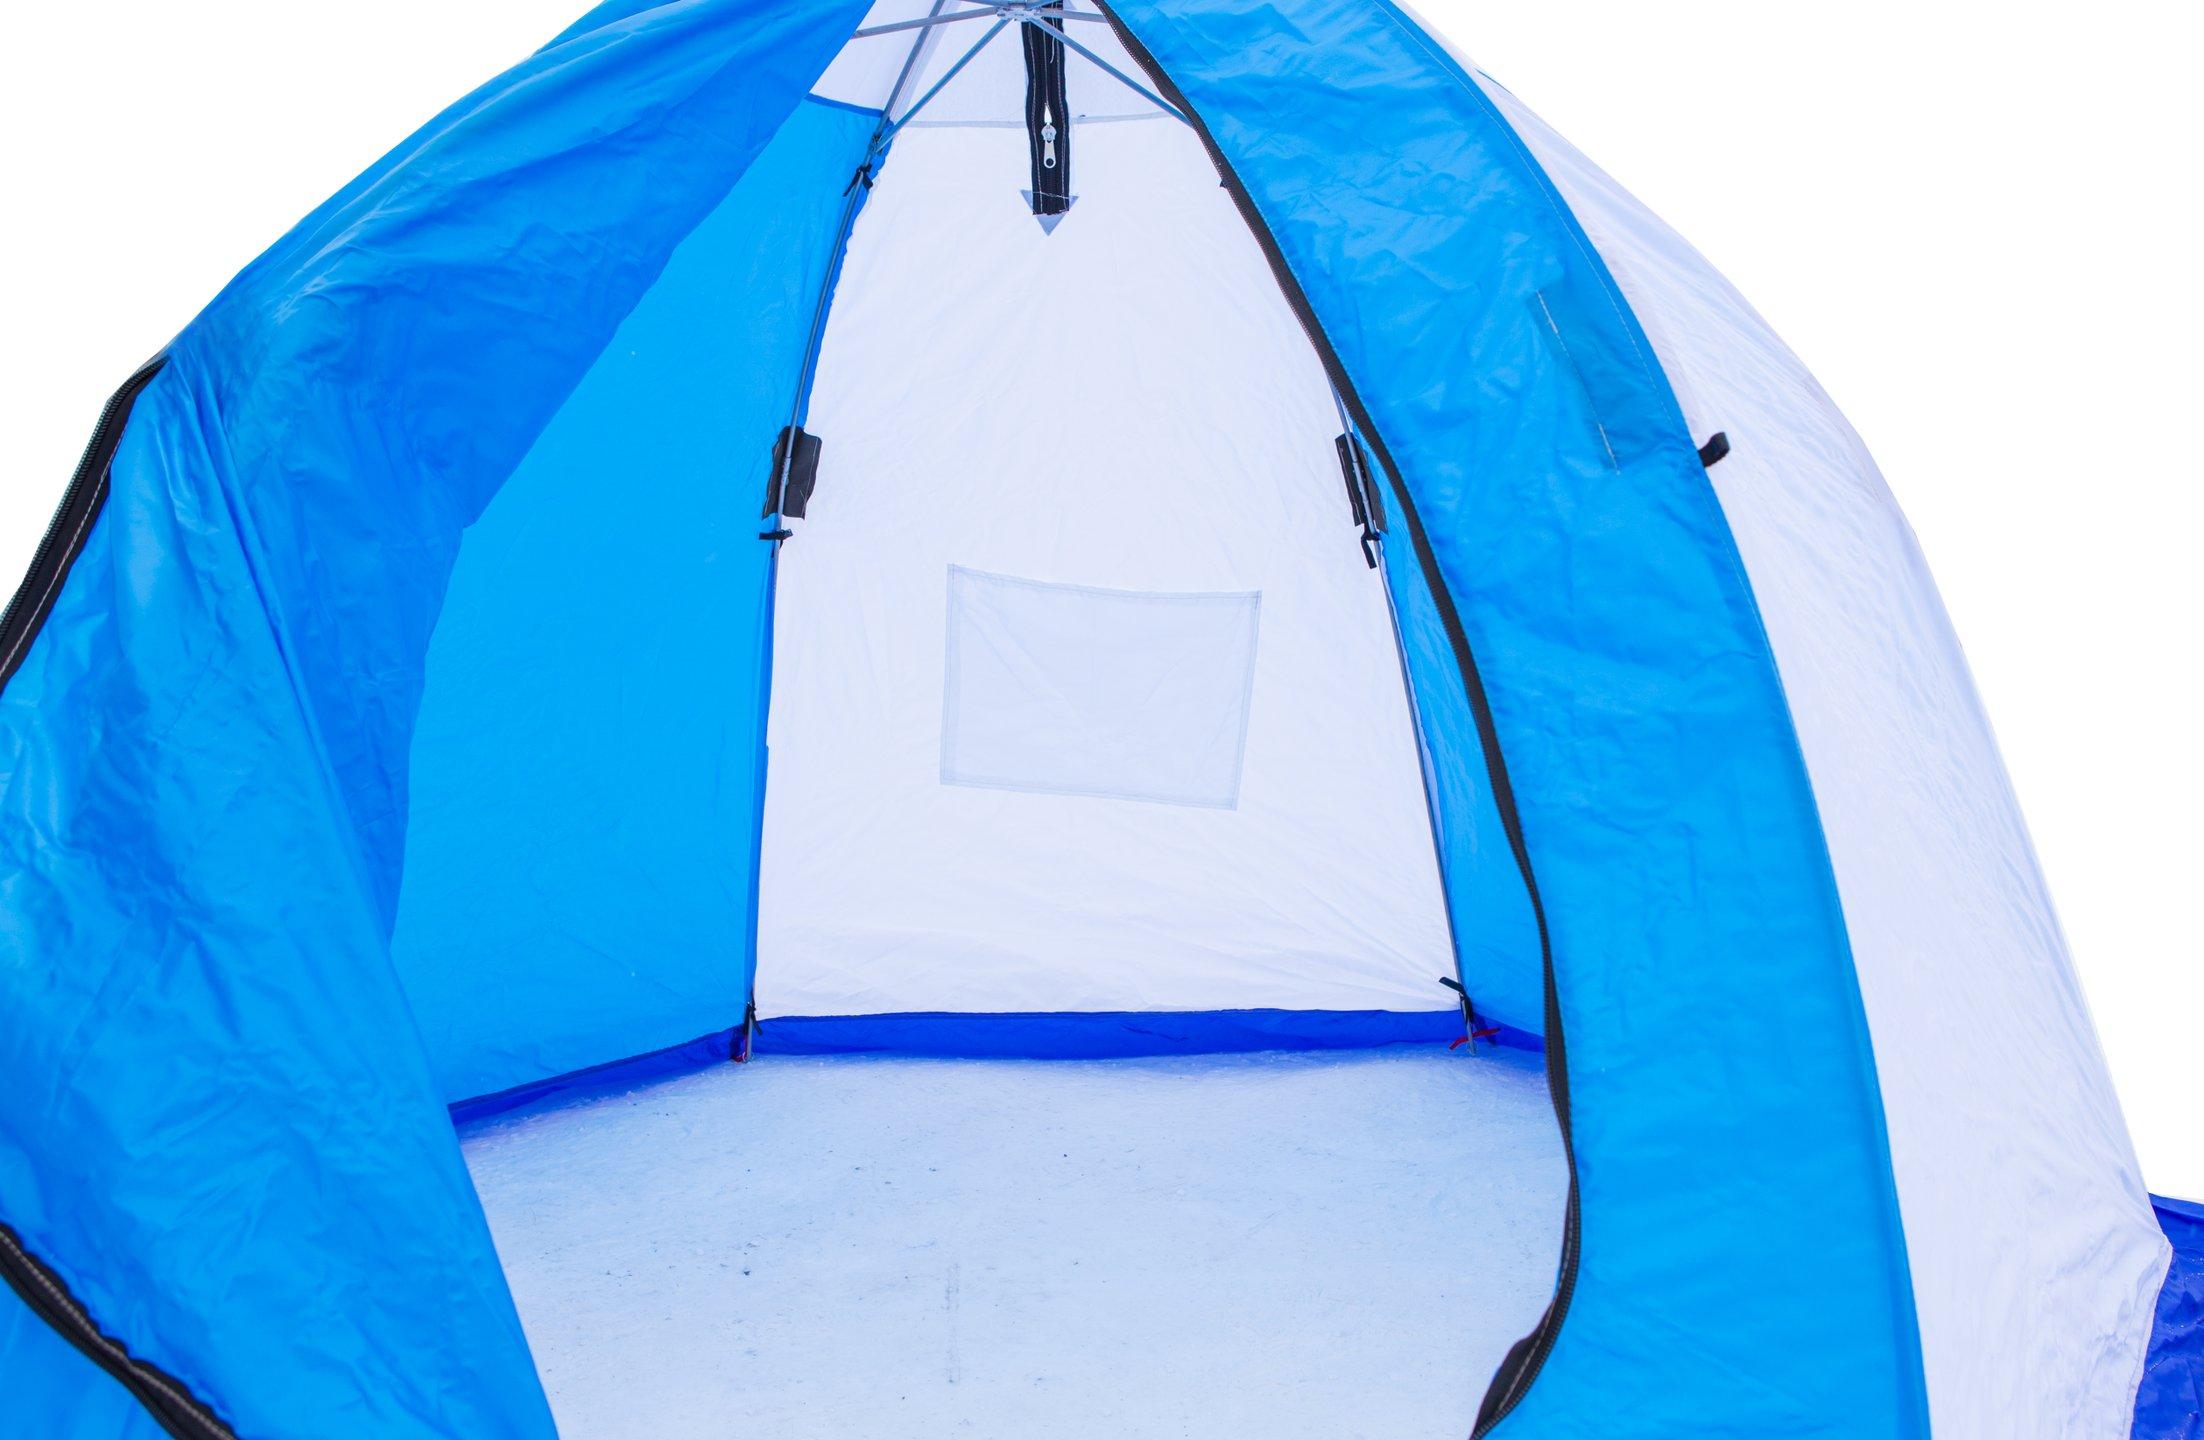 палатка для зимней рыбалки 2 местная